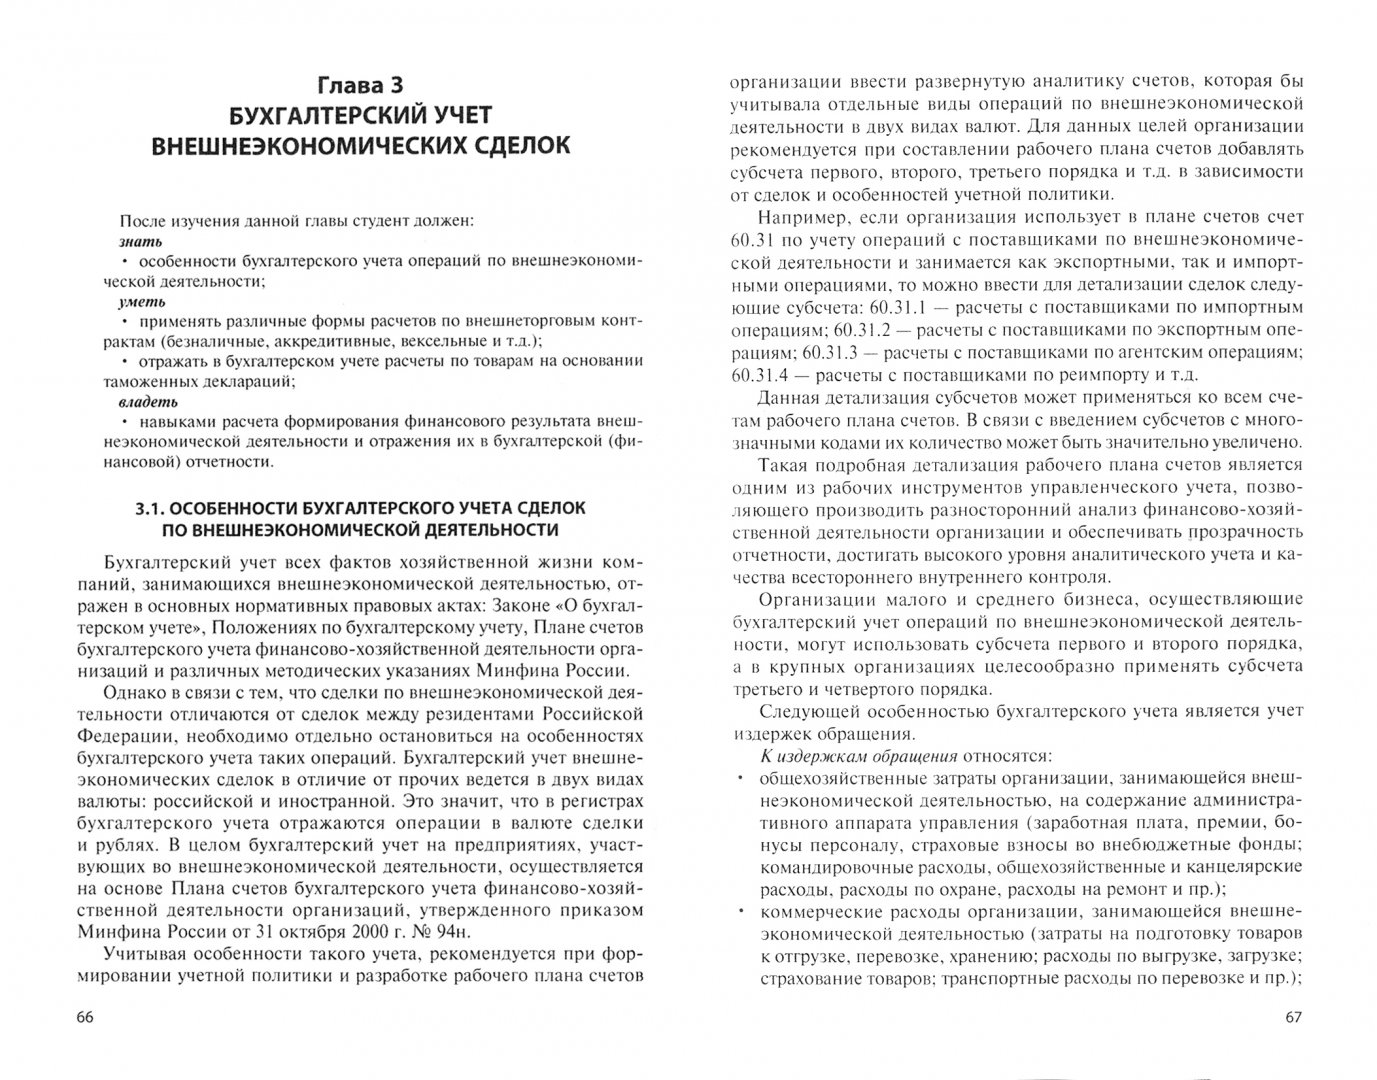 Иллюстрация 1 из 5 для Внешнеэкономическая деятельность: налогообложение, учет, анализ и аудит. Учебник - Бурденко, Быкасова, Ковалева | Лабиринт - книги. Источник: Лабиринт